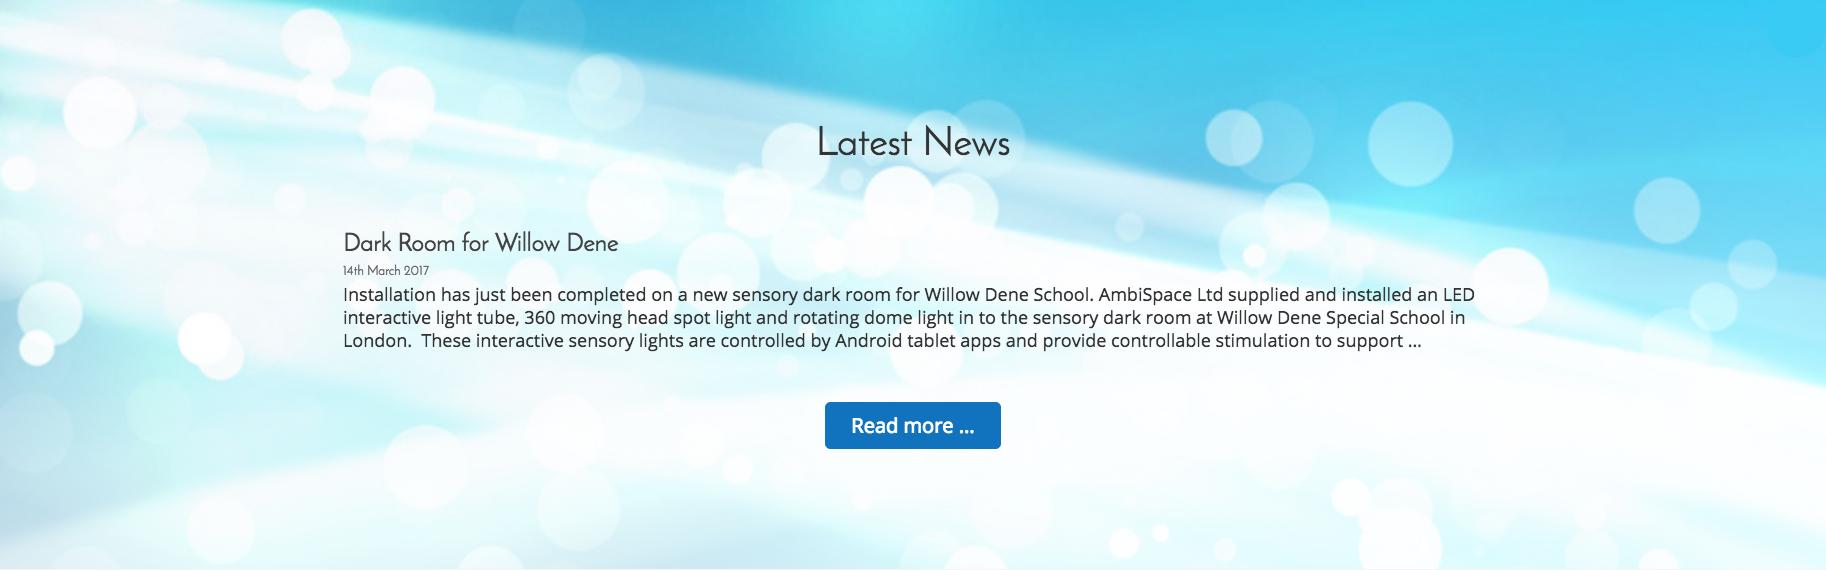 AmbiSpace   Landing Page - Latest News